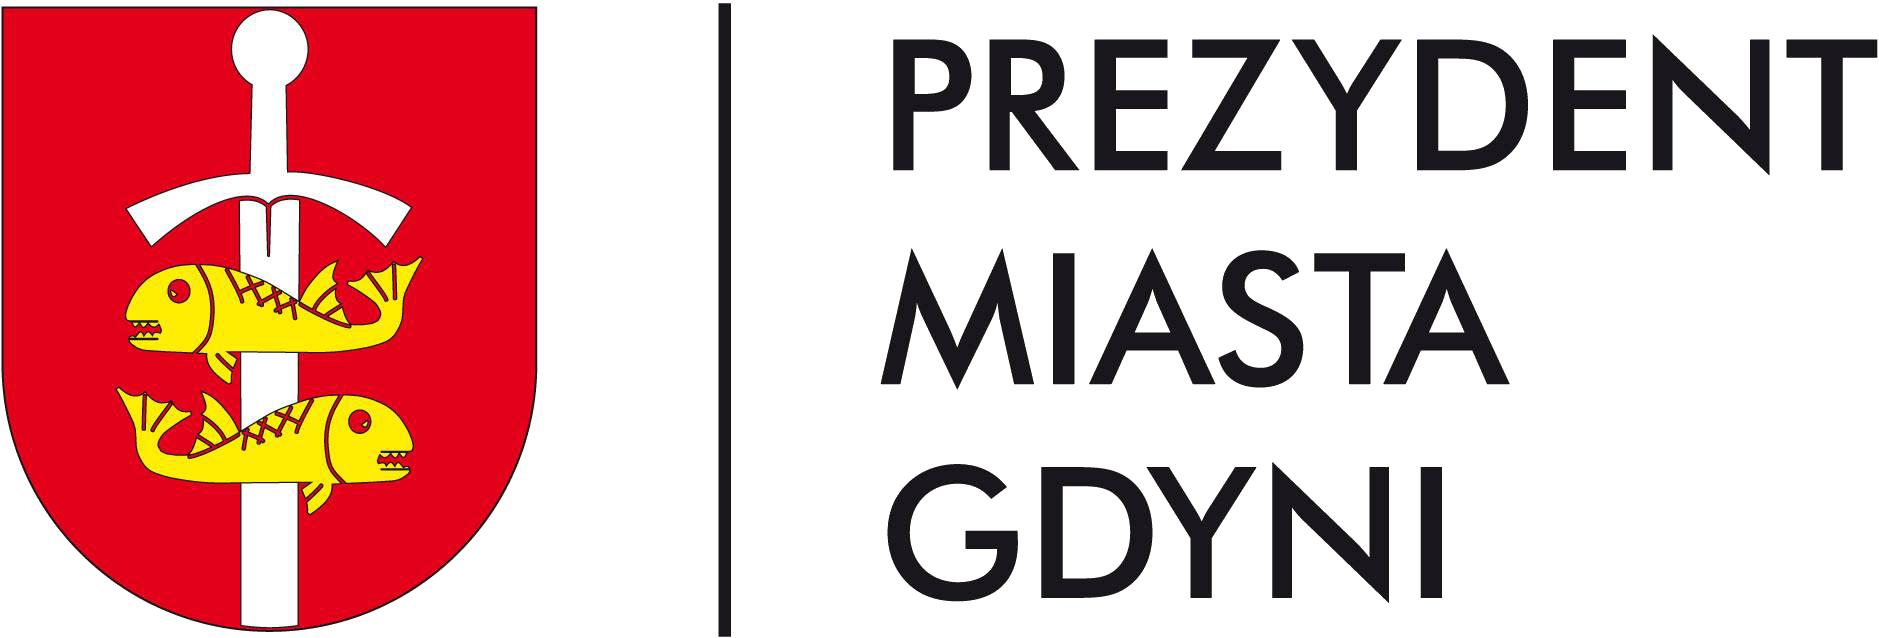 Prezydent miasta Gdynia